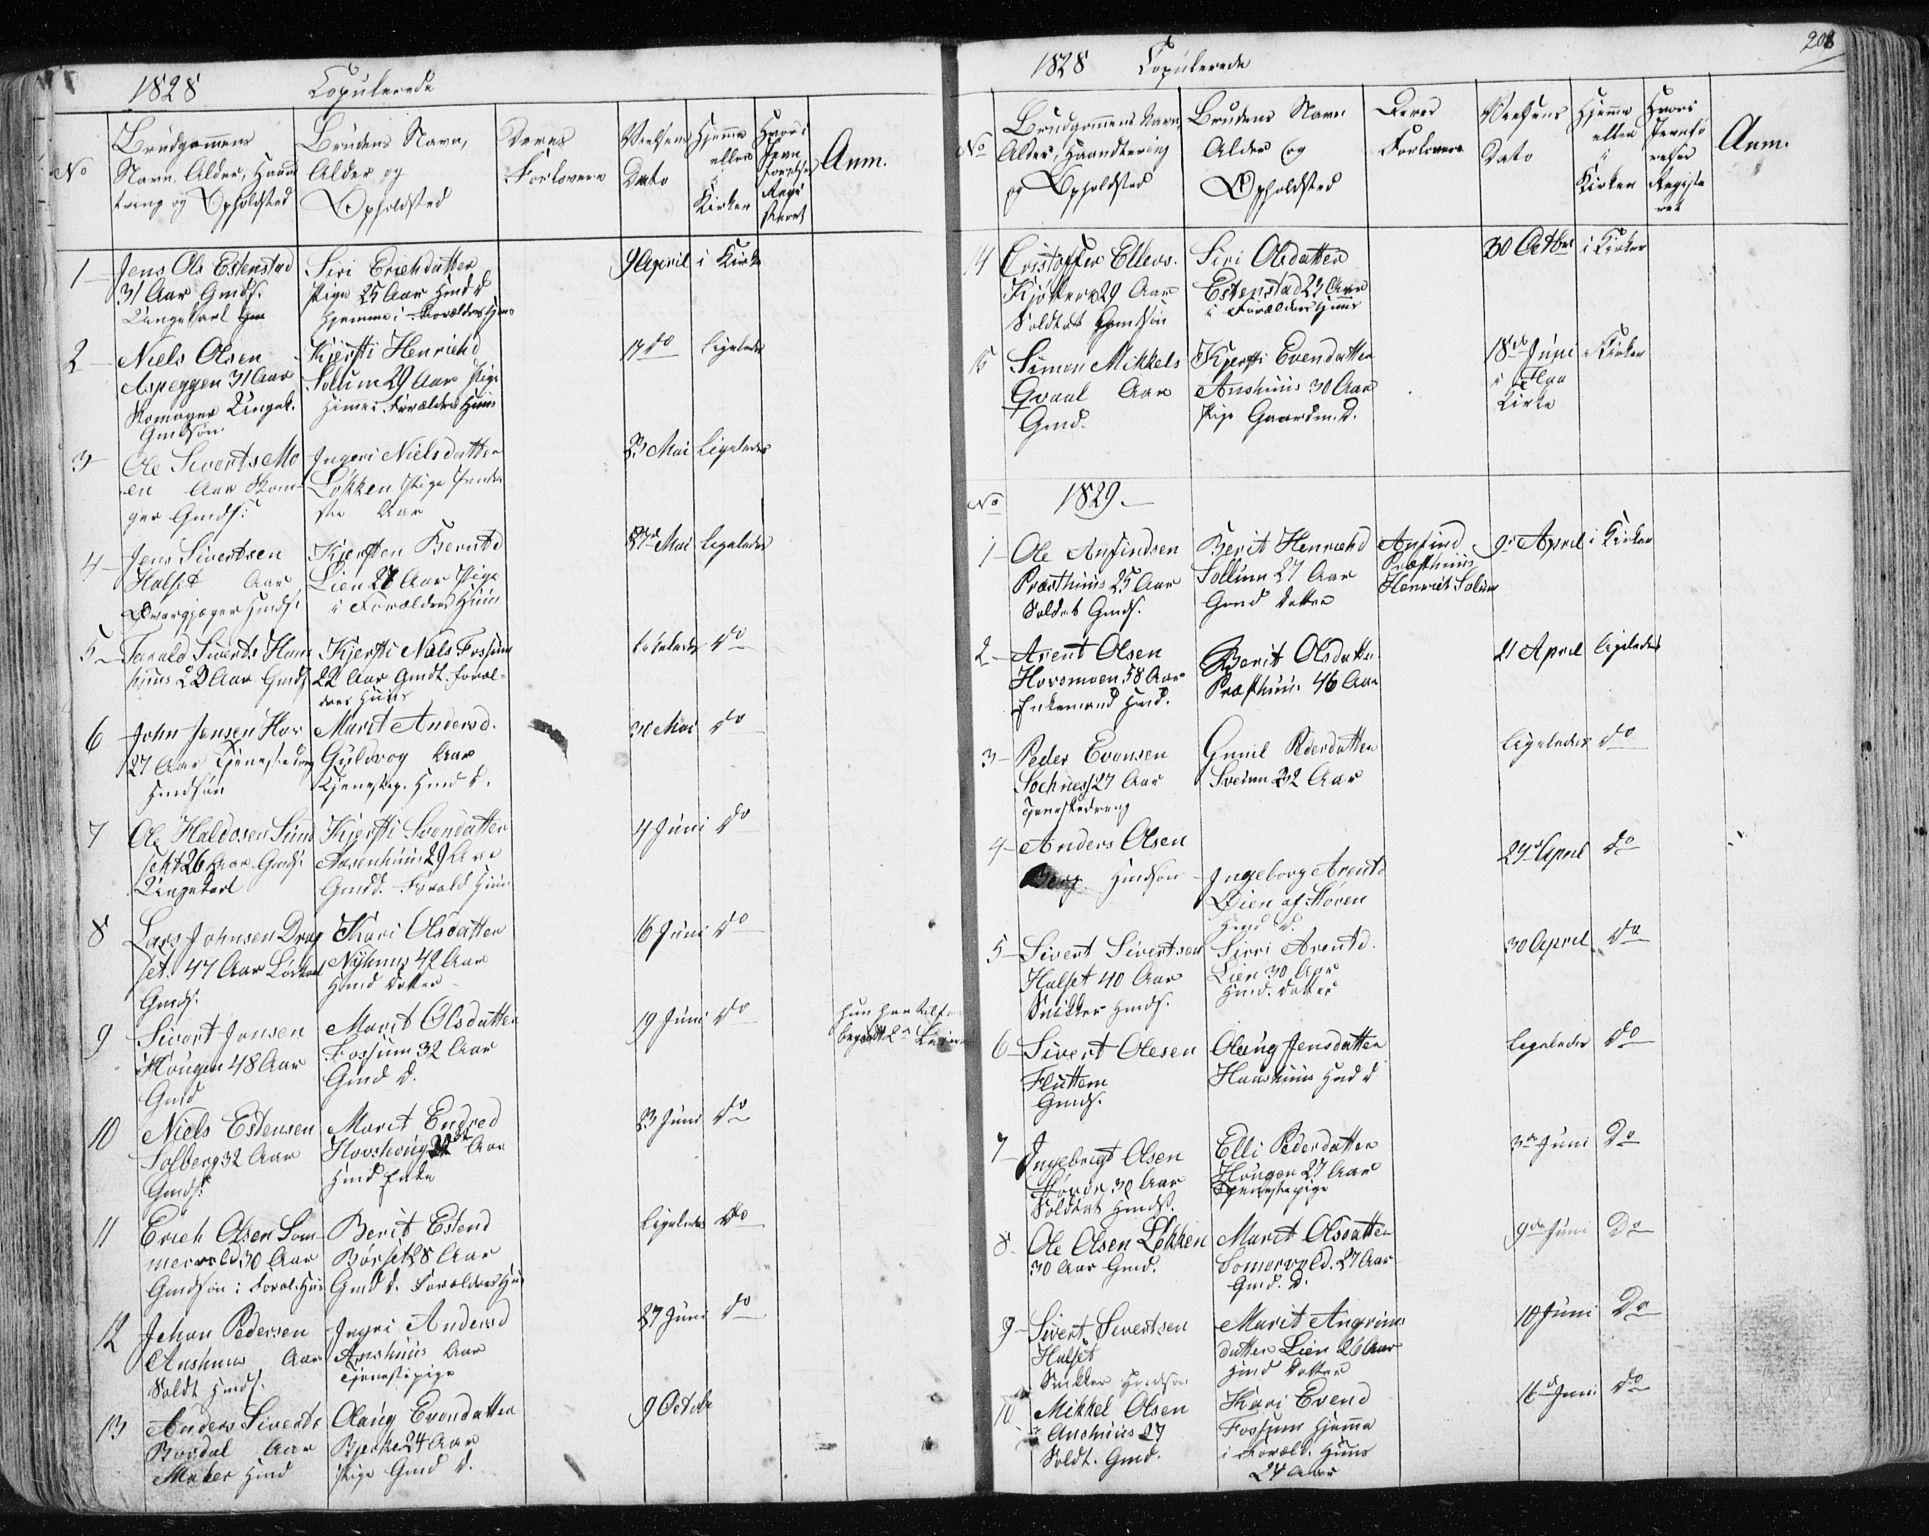 SAT, Ministerialprotokoller, klokkerbøker og fødselsregistre - Sør-Trøndelag, 689/L1043: Klokkerbok nr. 689C02, 1816-1892, s. 208